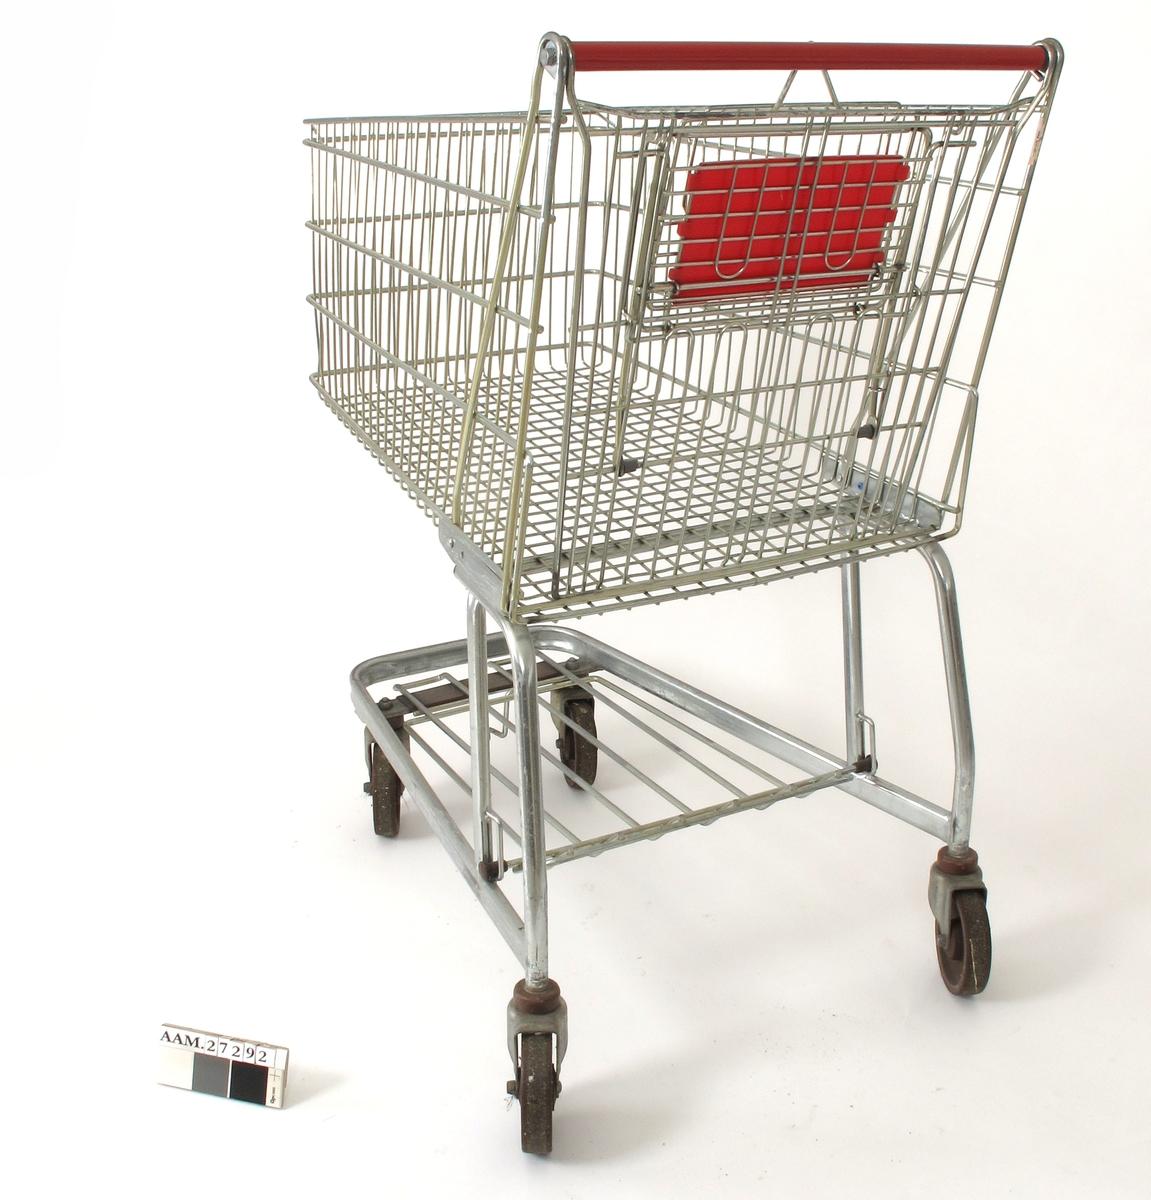 Stor handlekurv montert på stativ m.hjul.